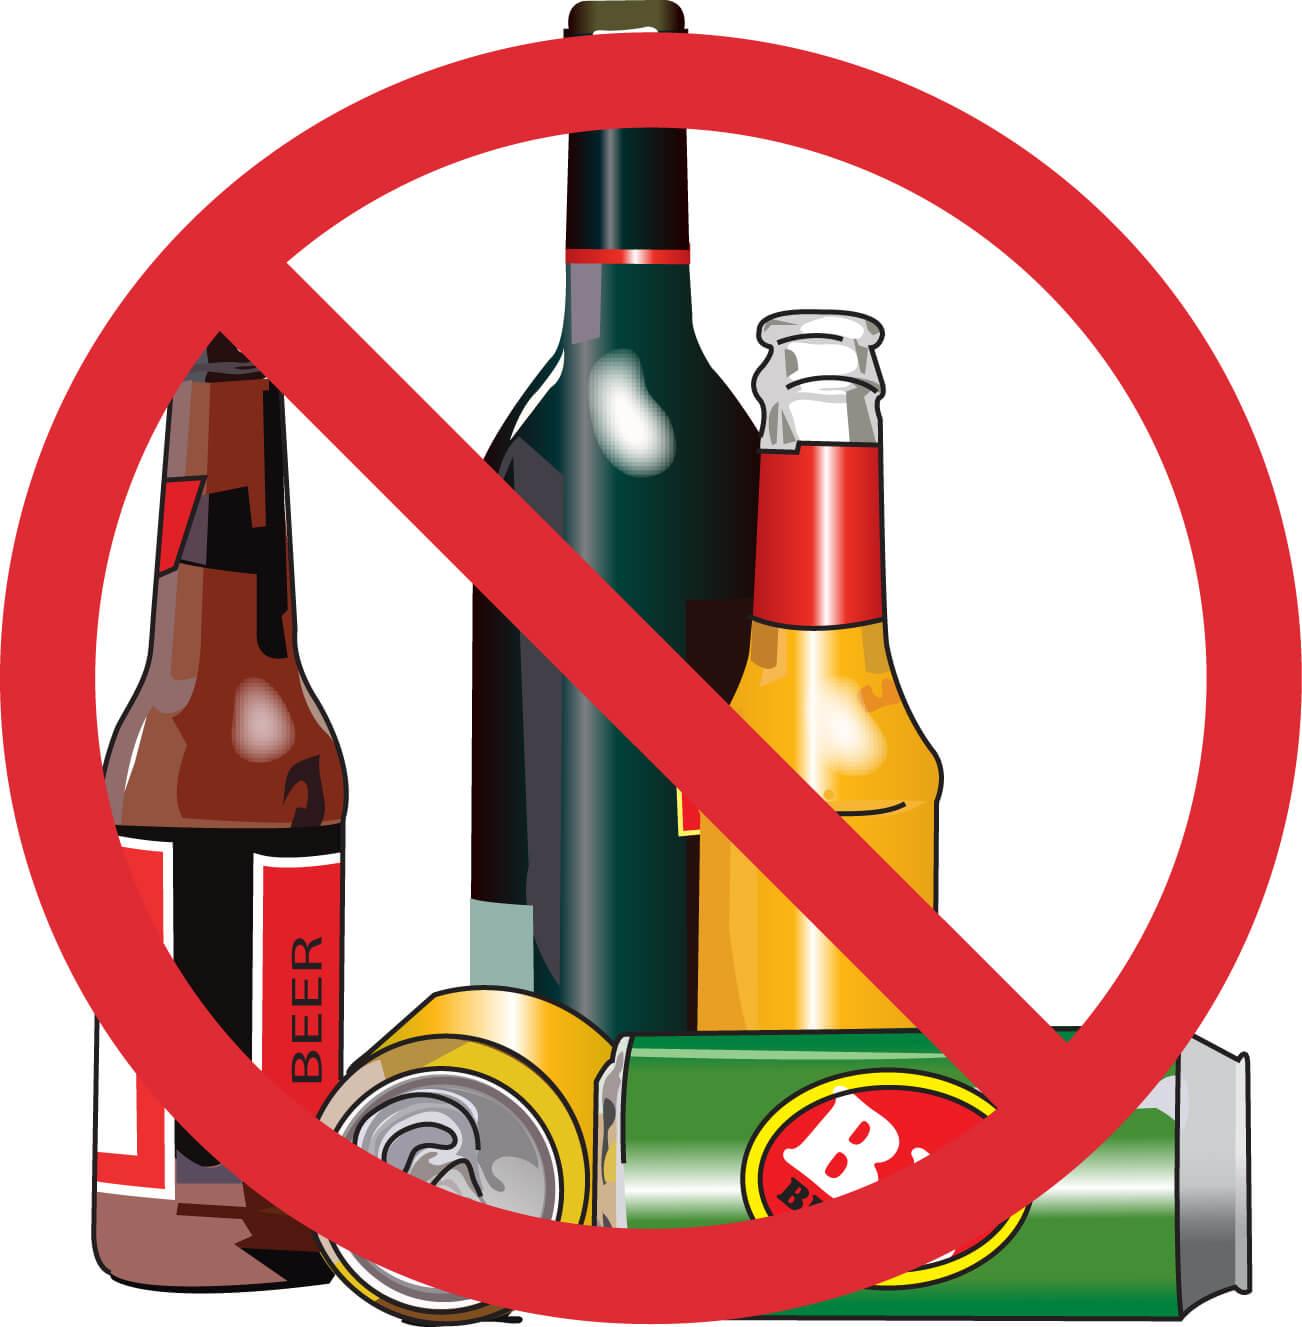 Нельзя пить алкоголь на улицах или в общественных местах